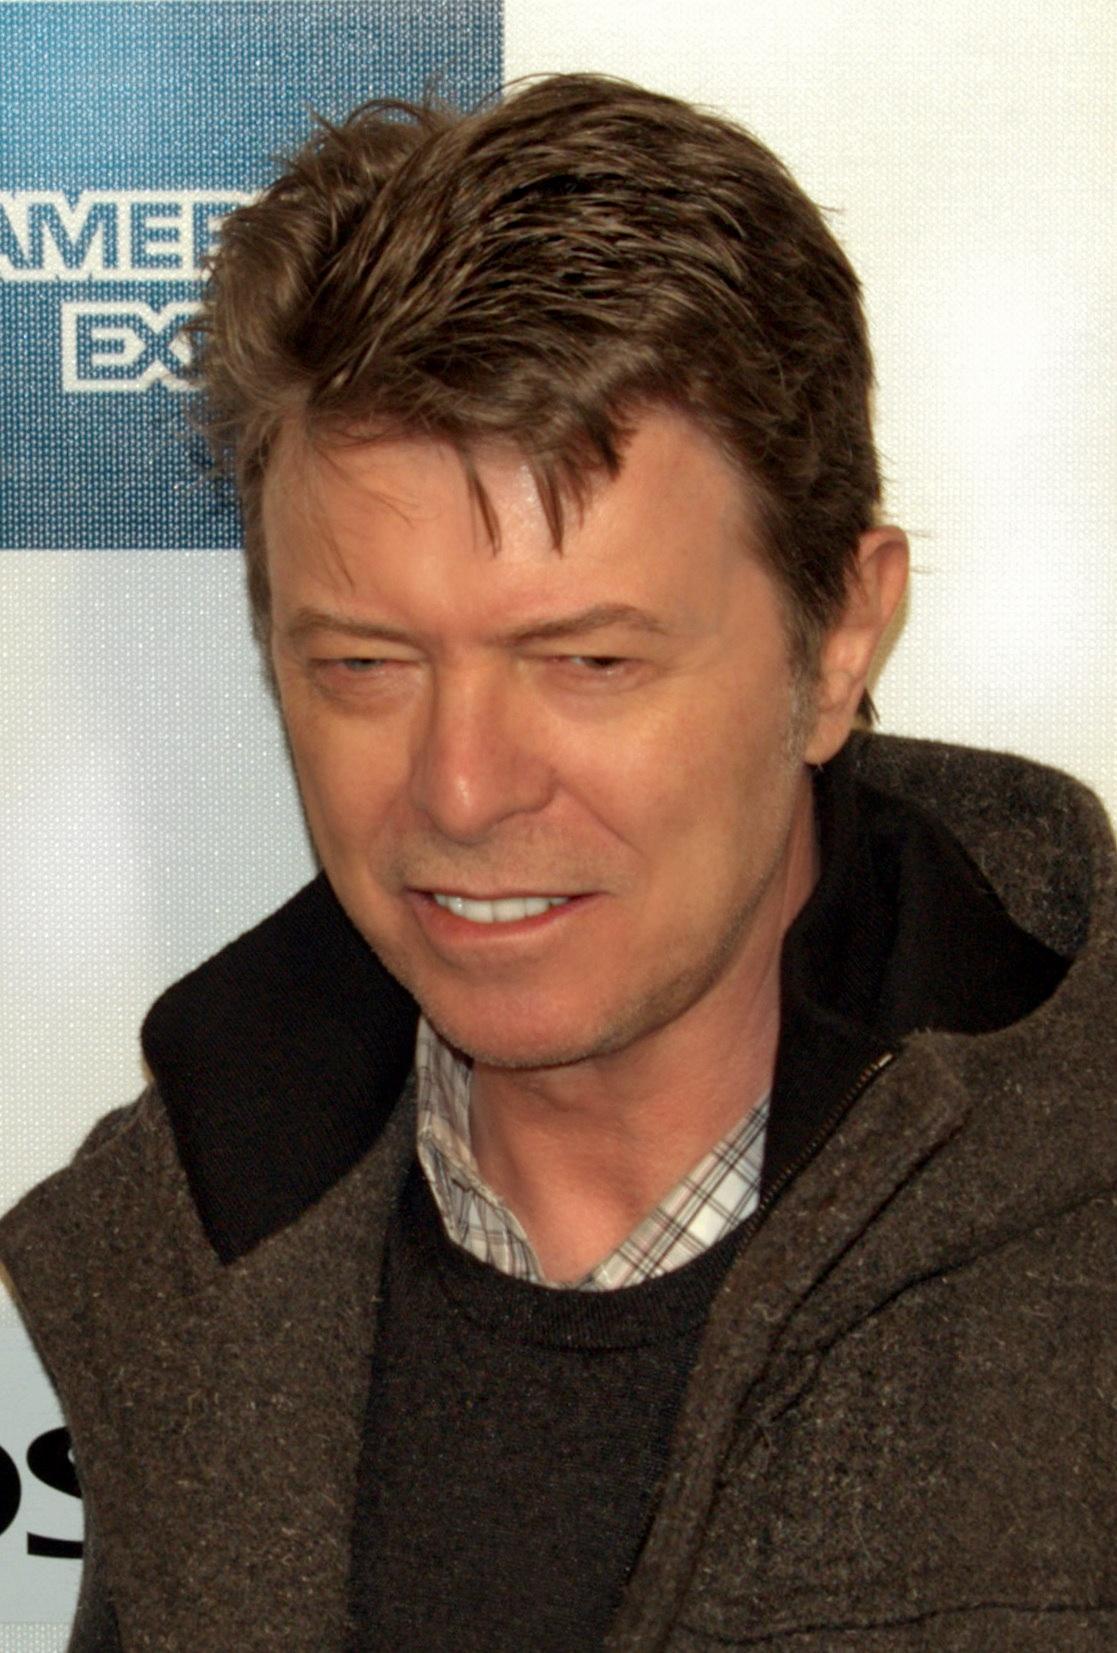 david bowie filmography wikipedia